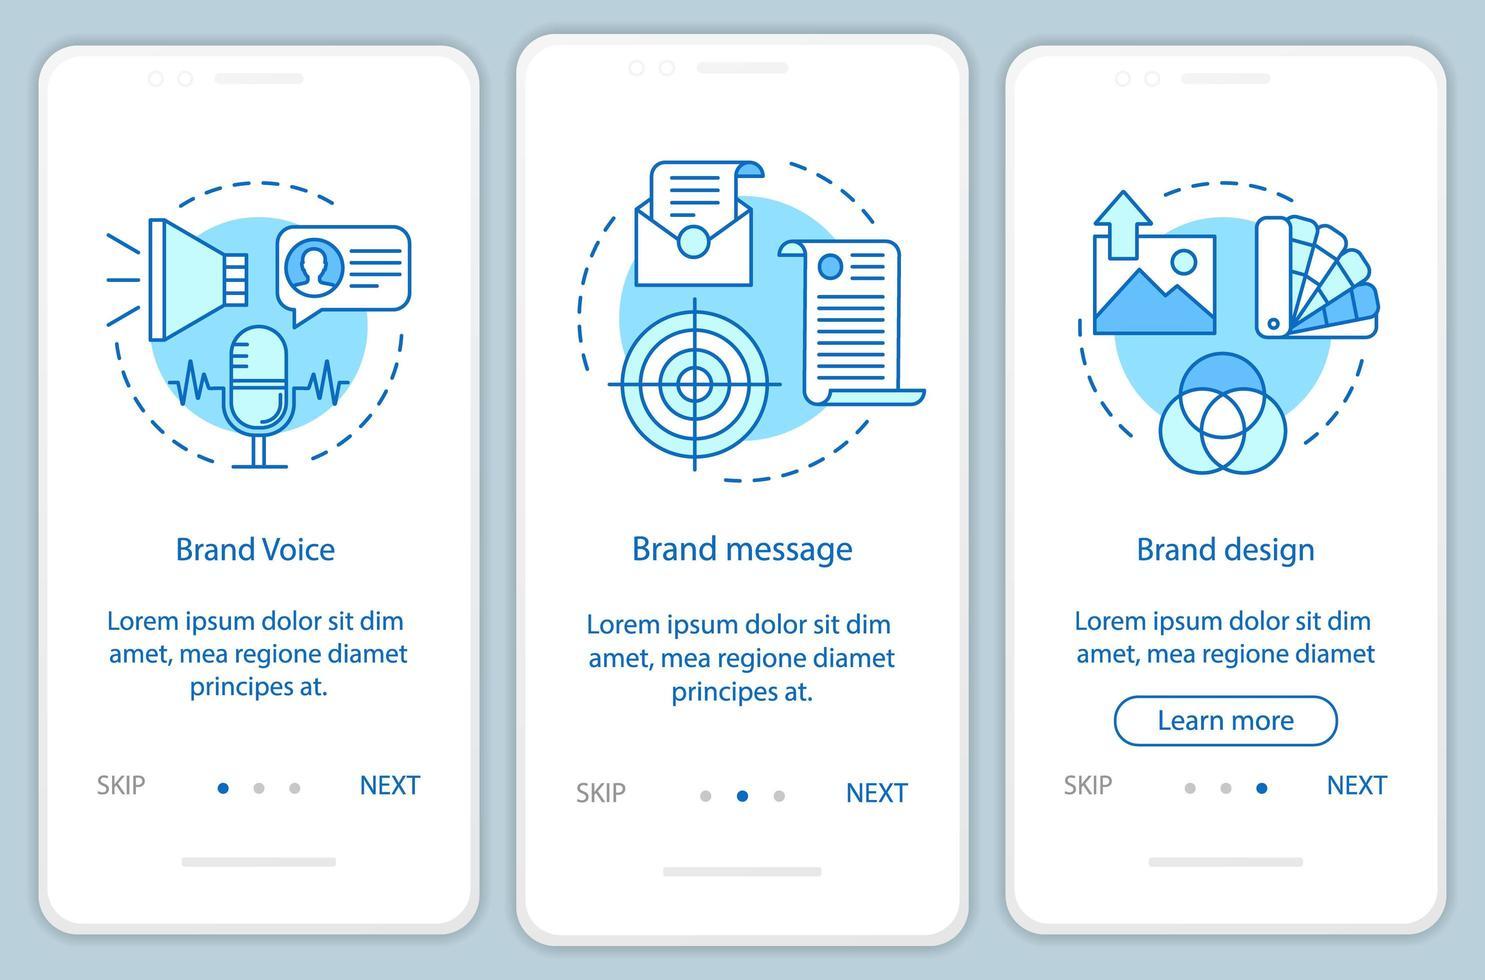 éléments de marque intégration des pages d'applications mobiles vecteur